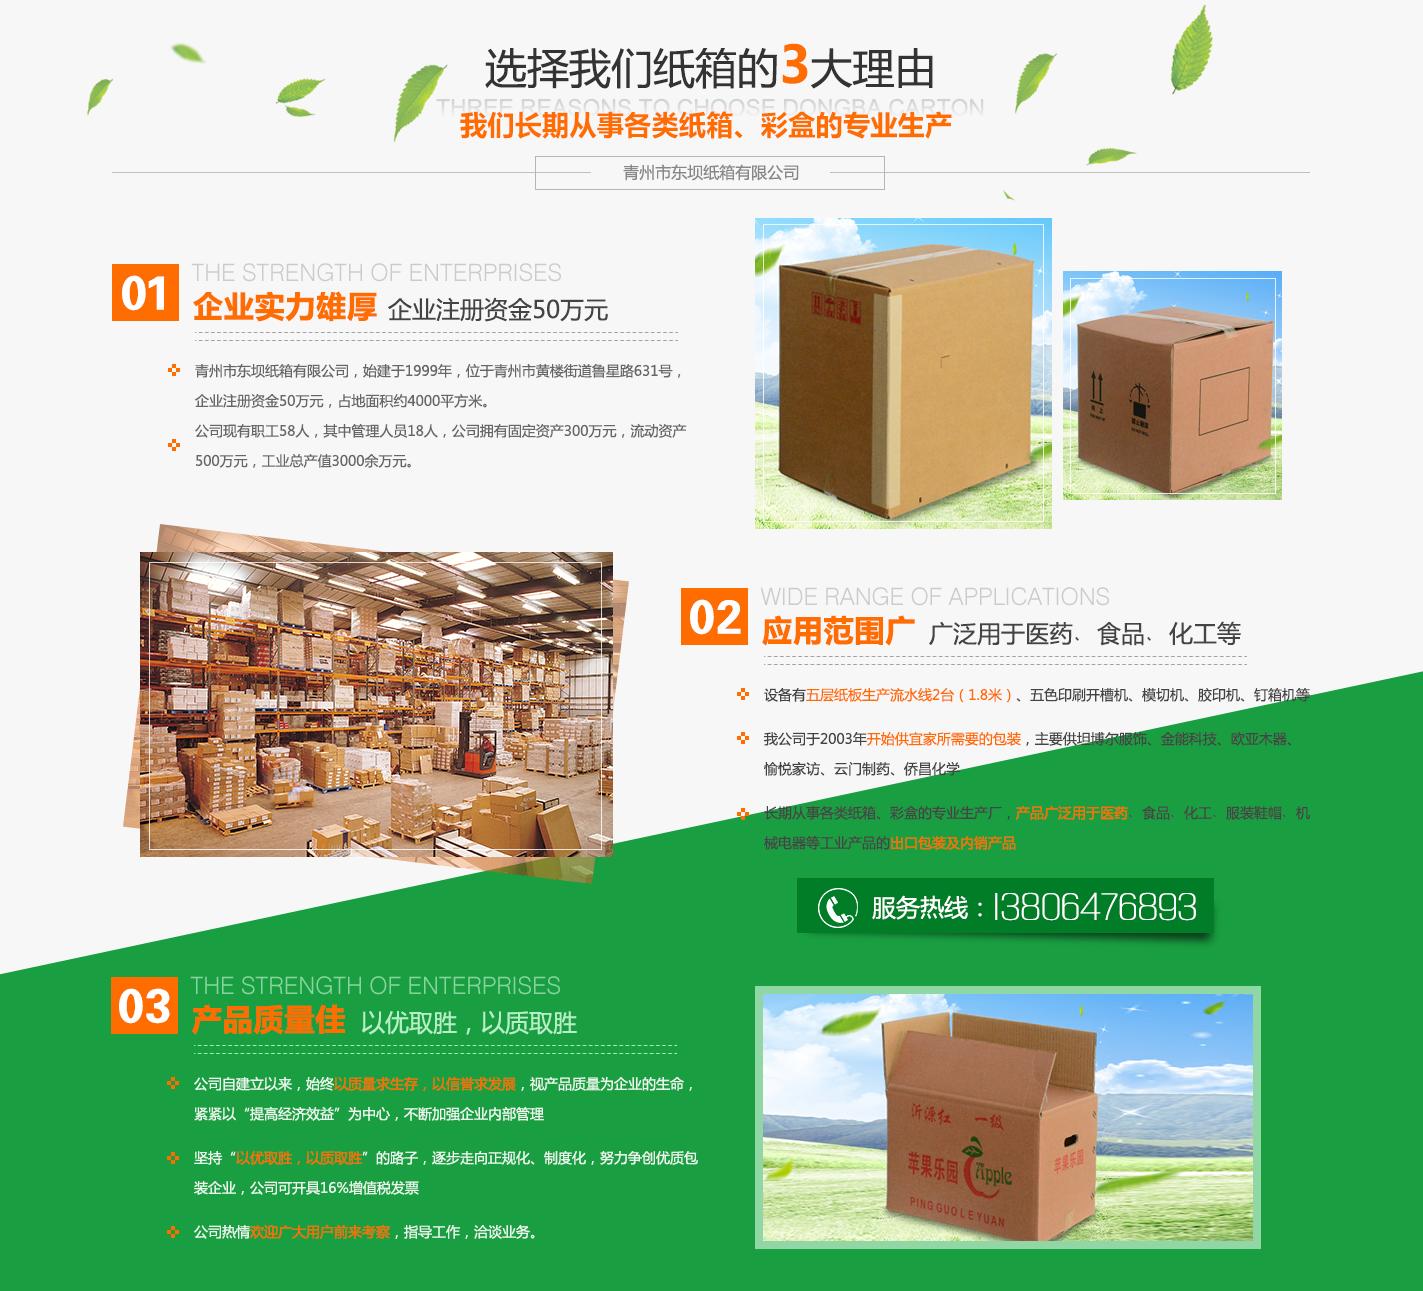 青州市东坝纸箱有限公司产品特点